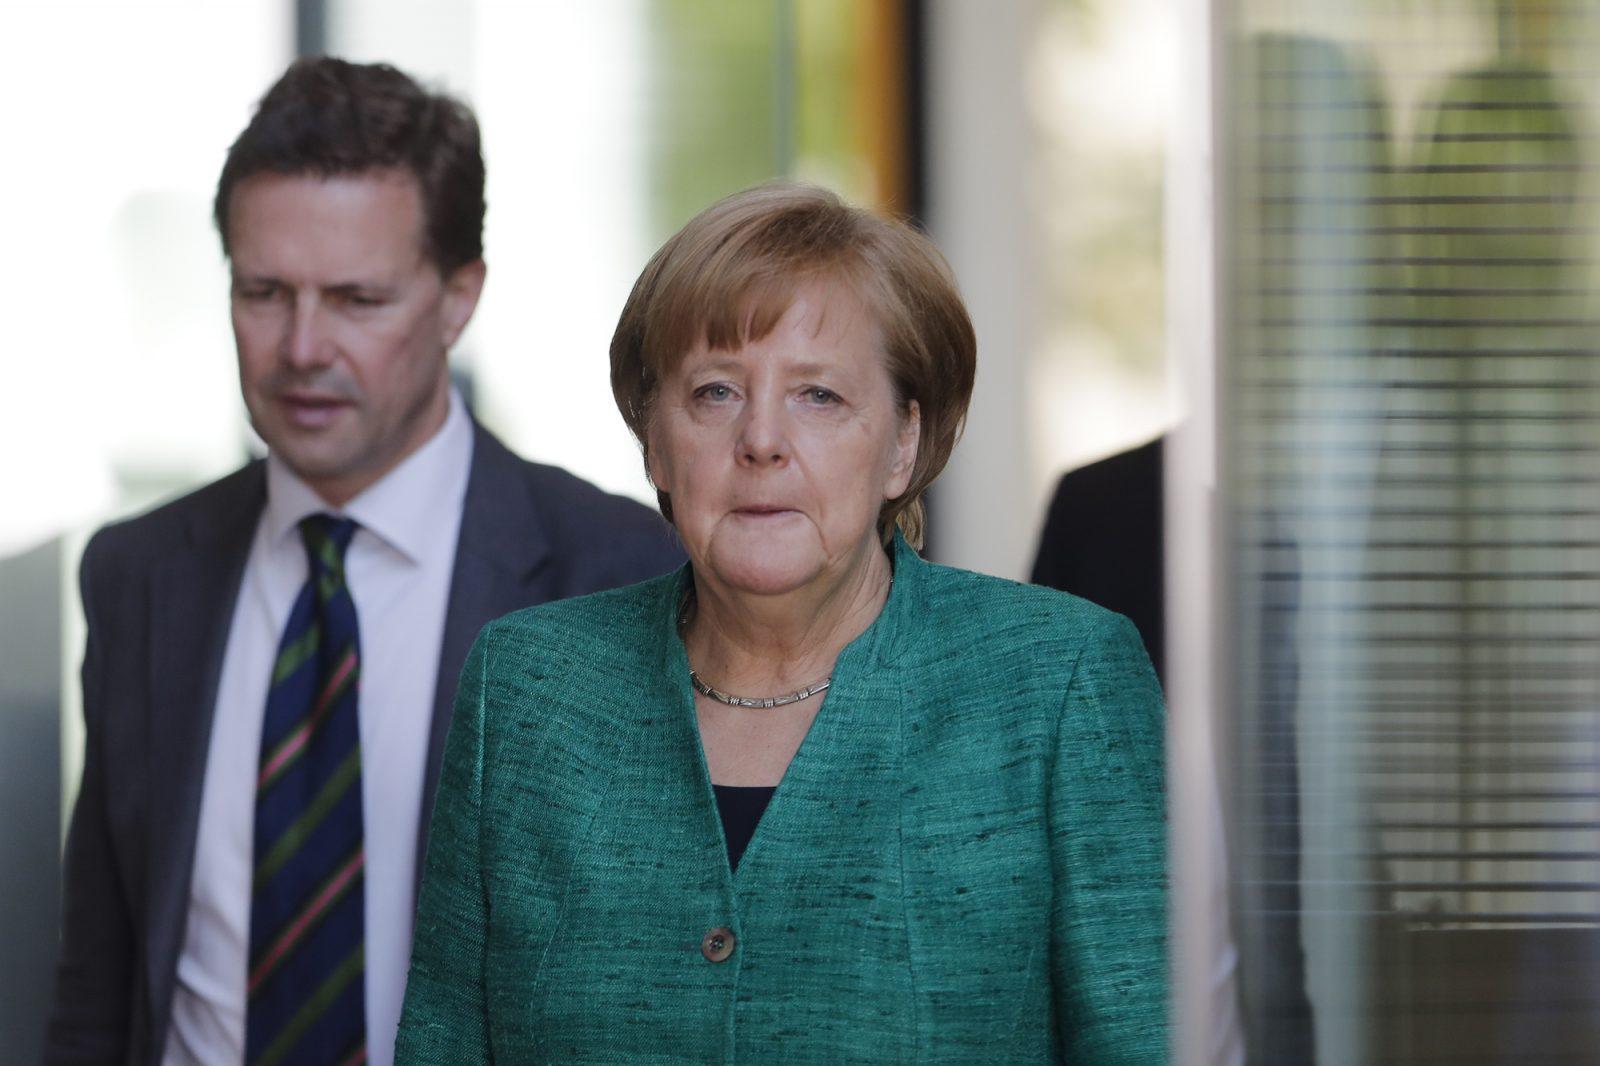 Angela Merkel (CDU) und Steffen Seibert